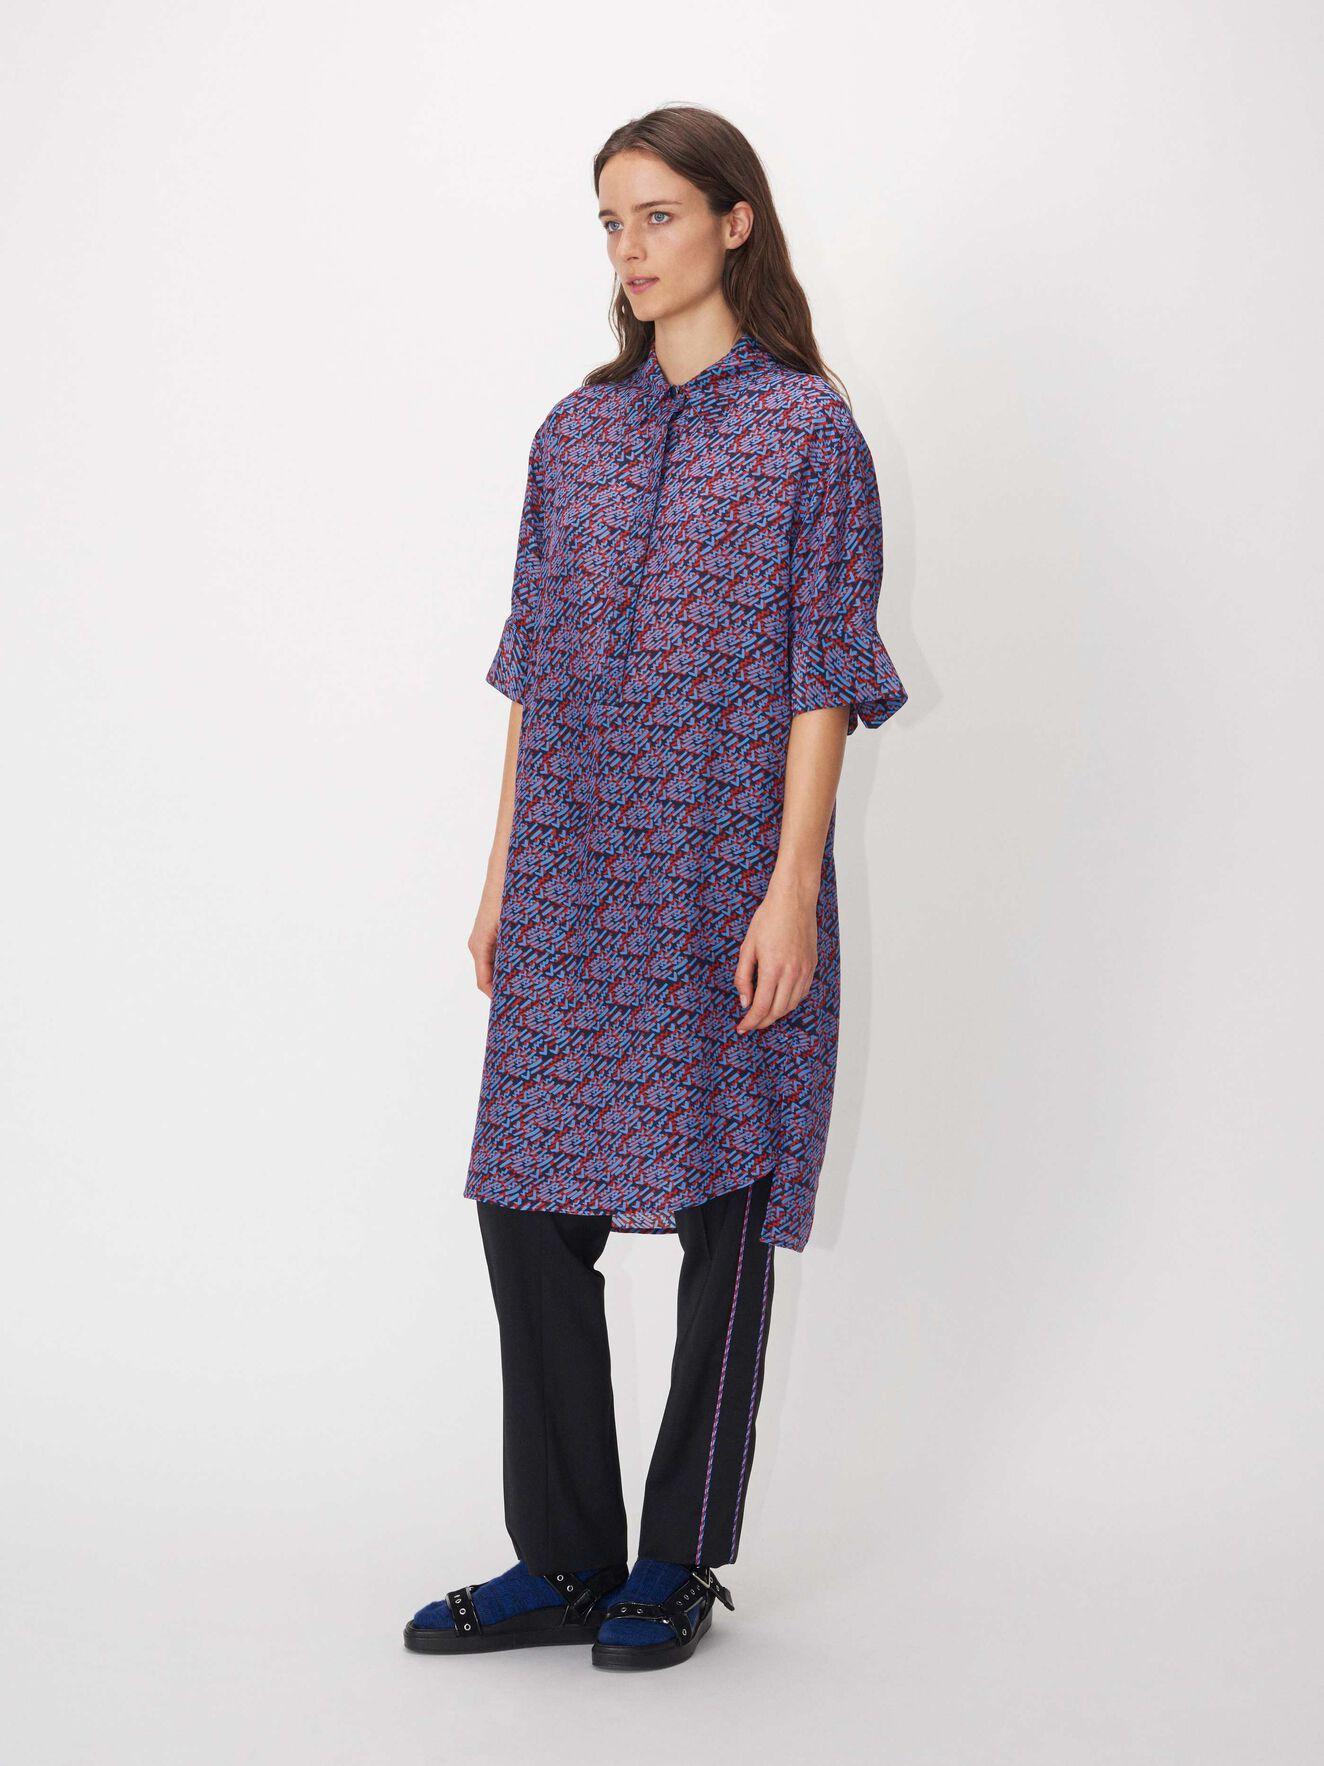 528a9a6a1be Kjoler - Shop kjoler til dag og fest online hos Tiger of Sweden